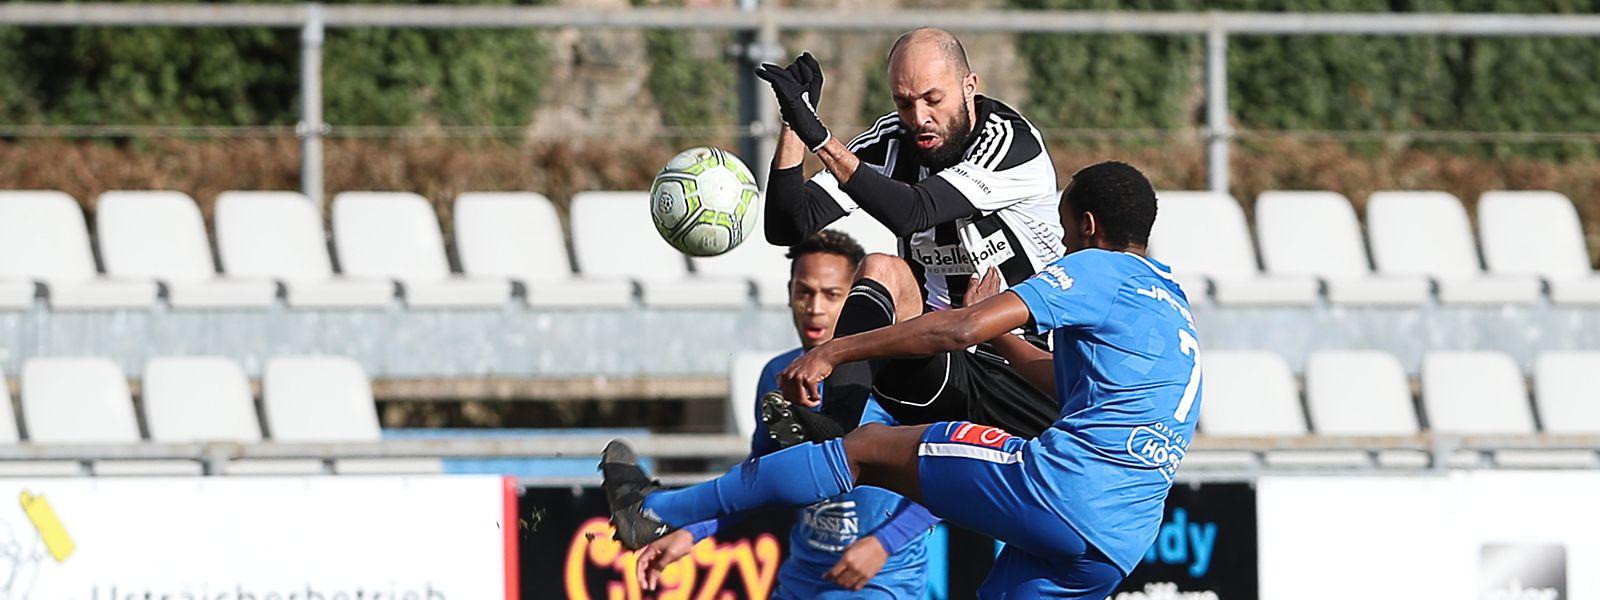 Etzellas Kalisa Sven (r.) kämpft mit Hakim Menaï von Jeunesse Esch um den Ball.